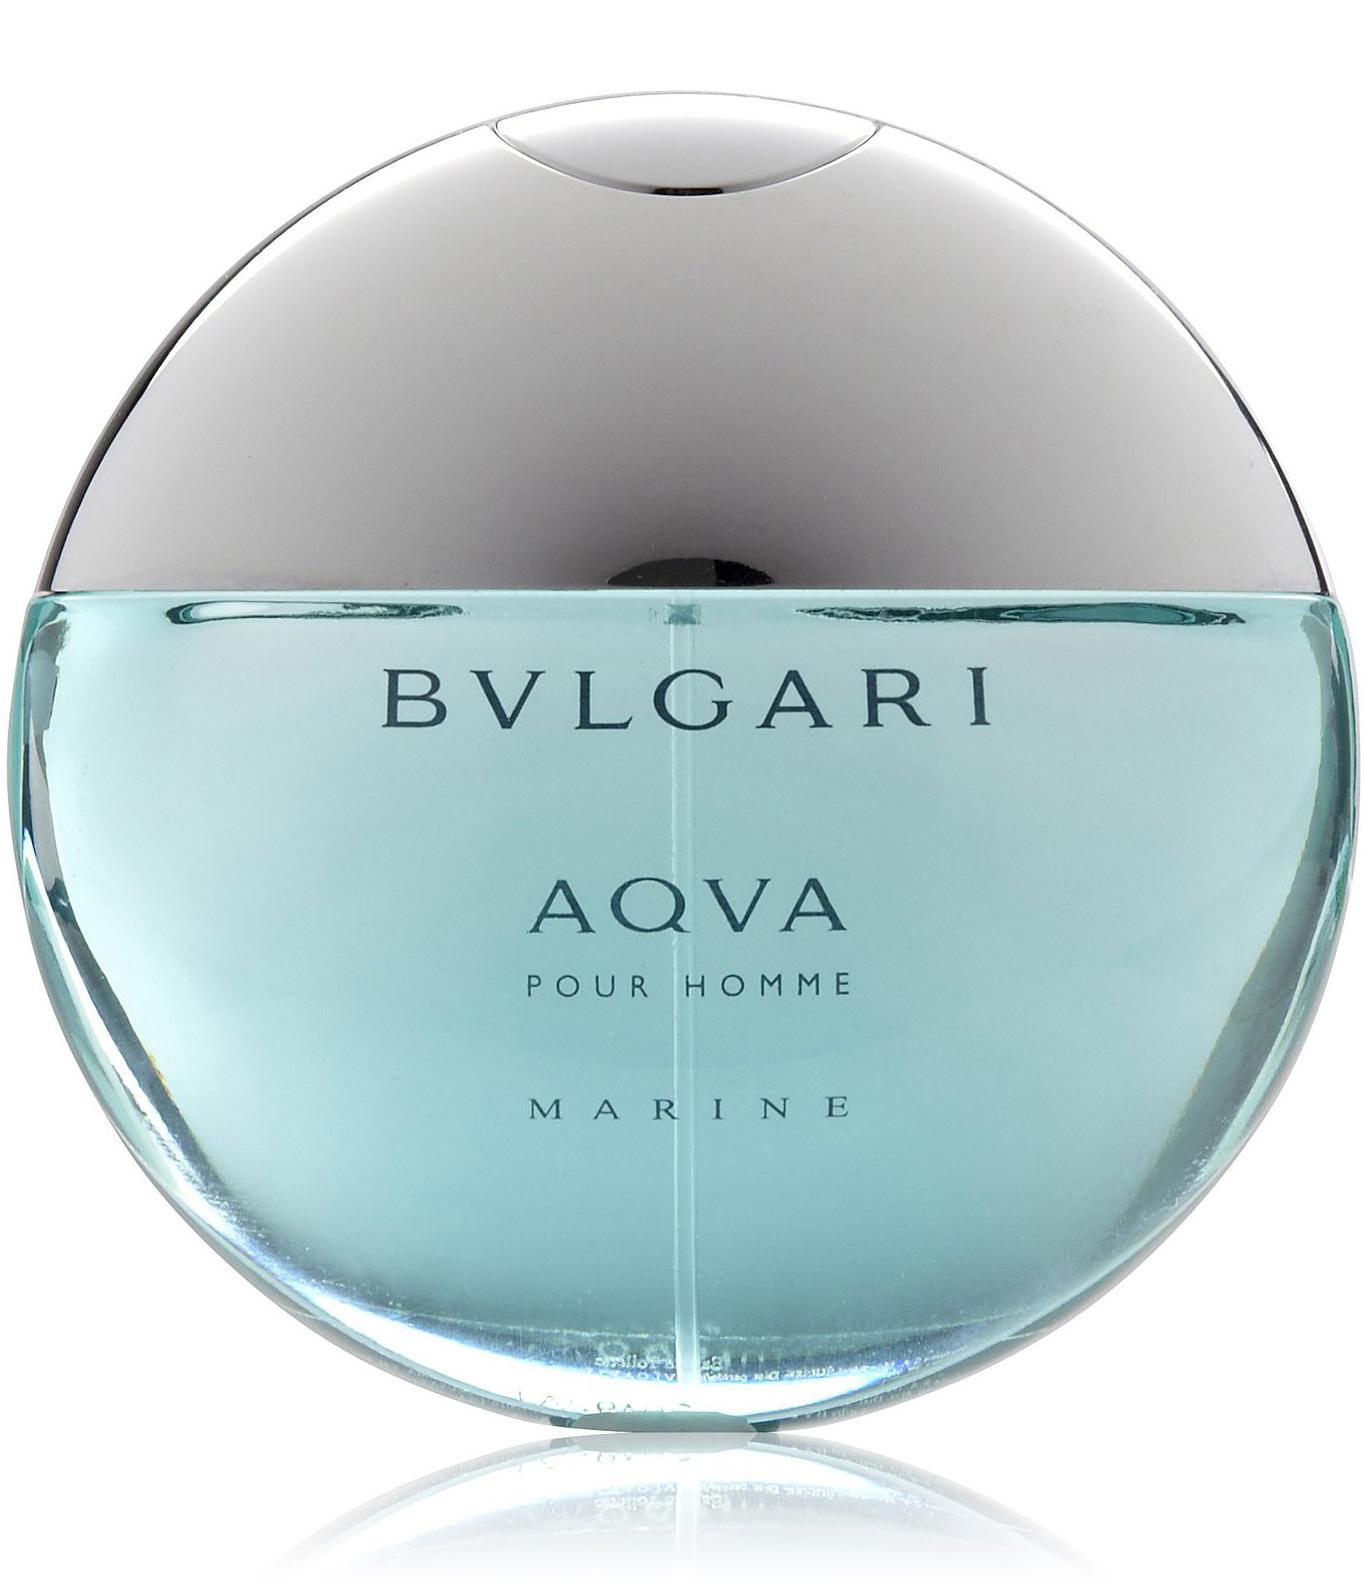 Bvlgari Aqva pour homme Marine дезодорант твердый 75г (Булгари Аквамарин для Мужчин)